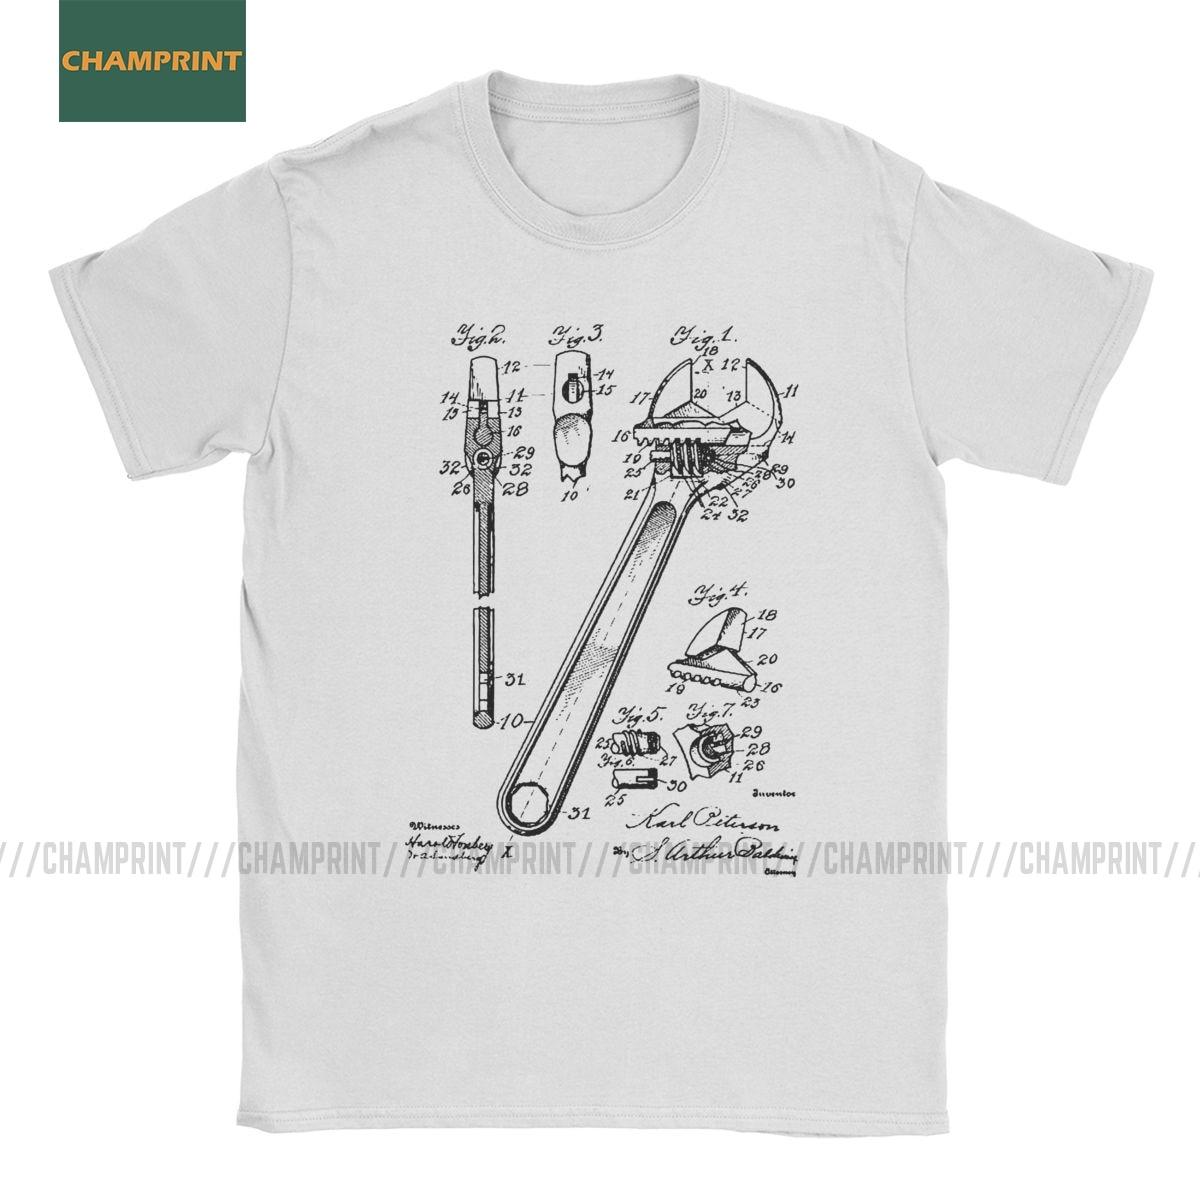 Llave Vintage patente Vintage playera con dibujo hombres cuello redondo algodón camisetas abridor mecánico arreglo herramienta de ingeniero Camiseta de manga corta